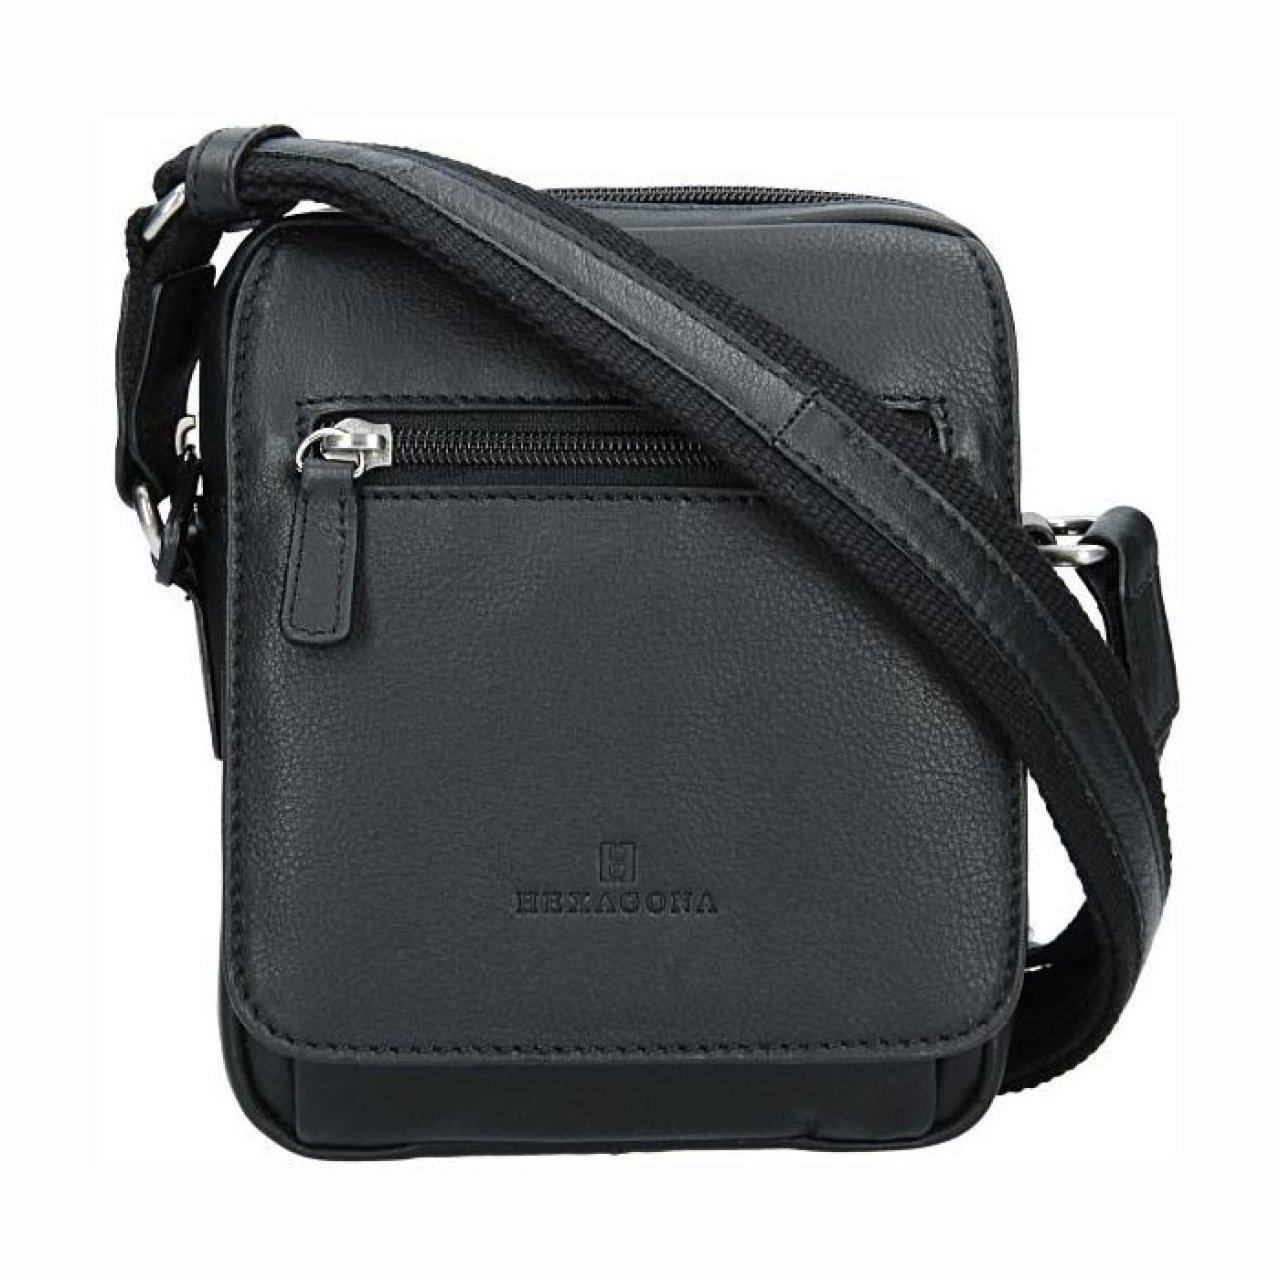 b4151263c8 Pánská kožená taška na doklady Hexagona Monet - černá